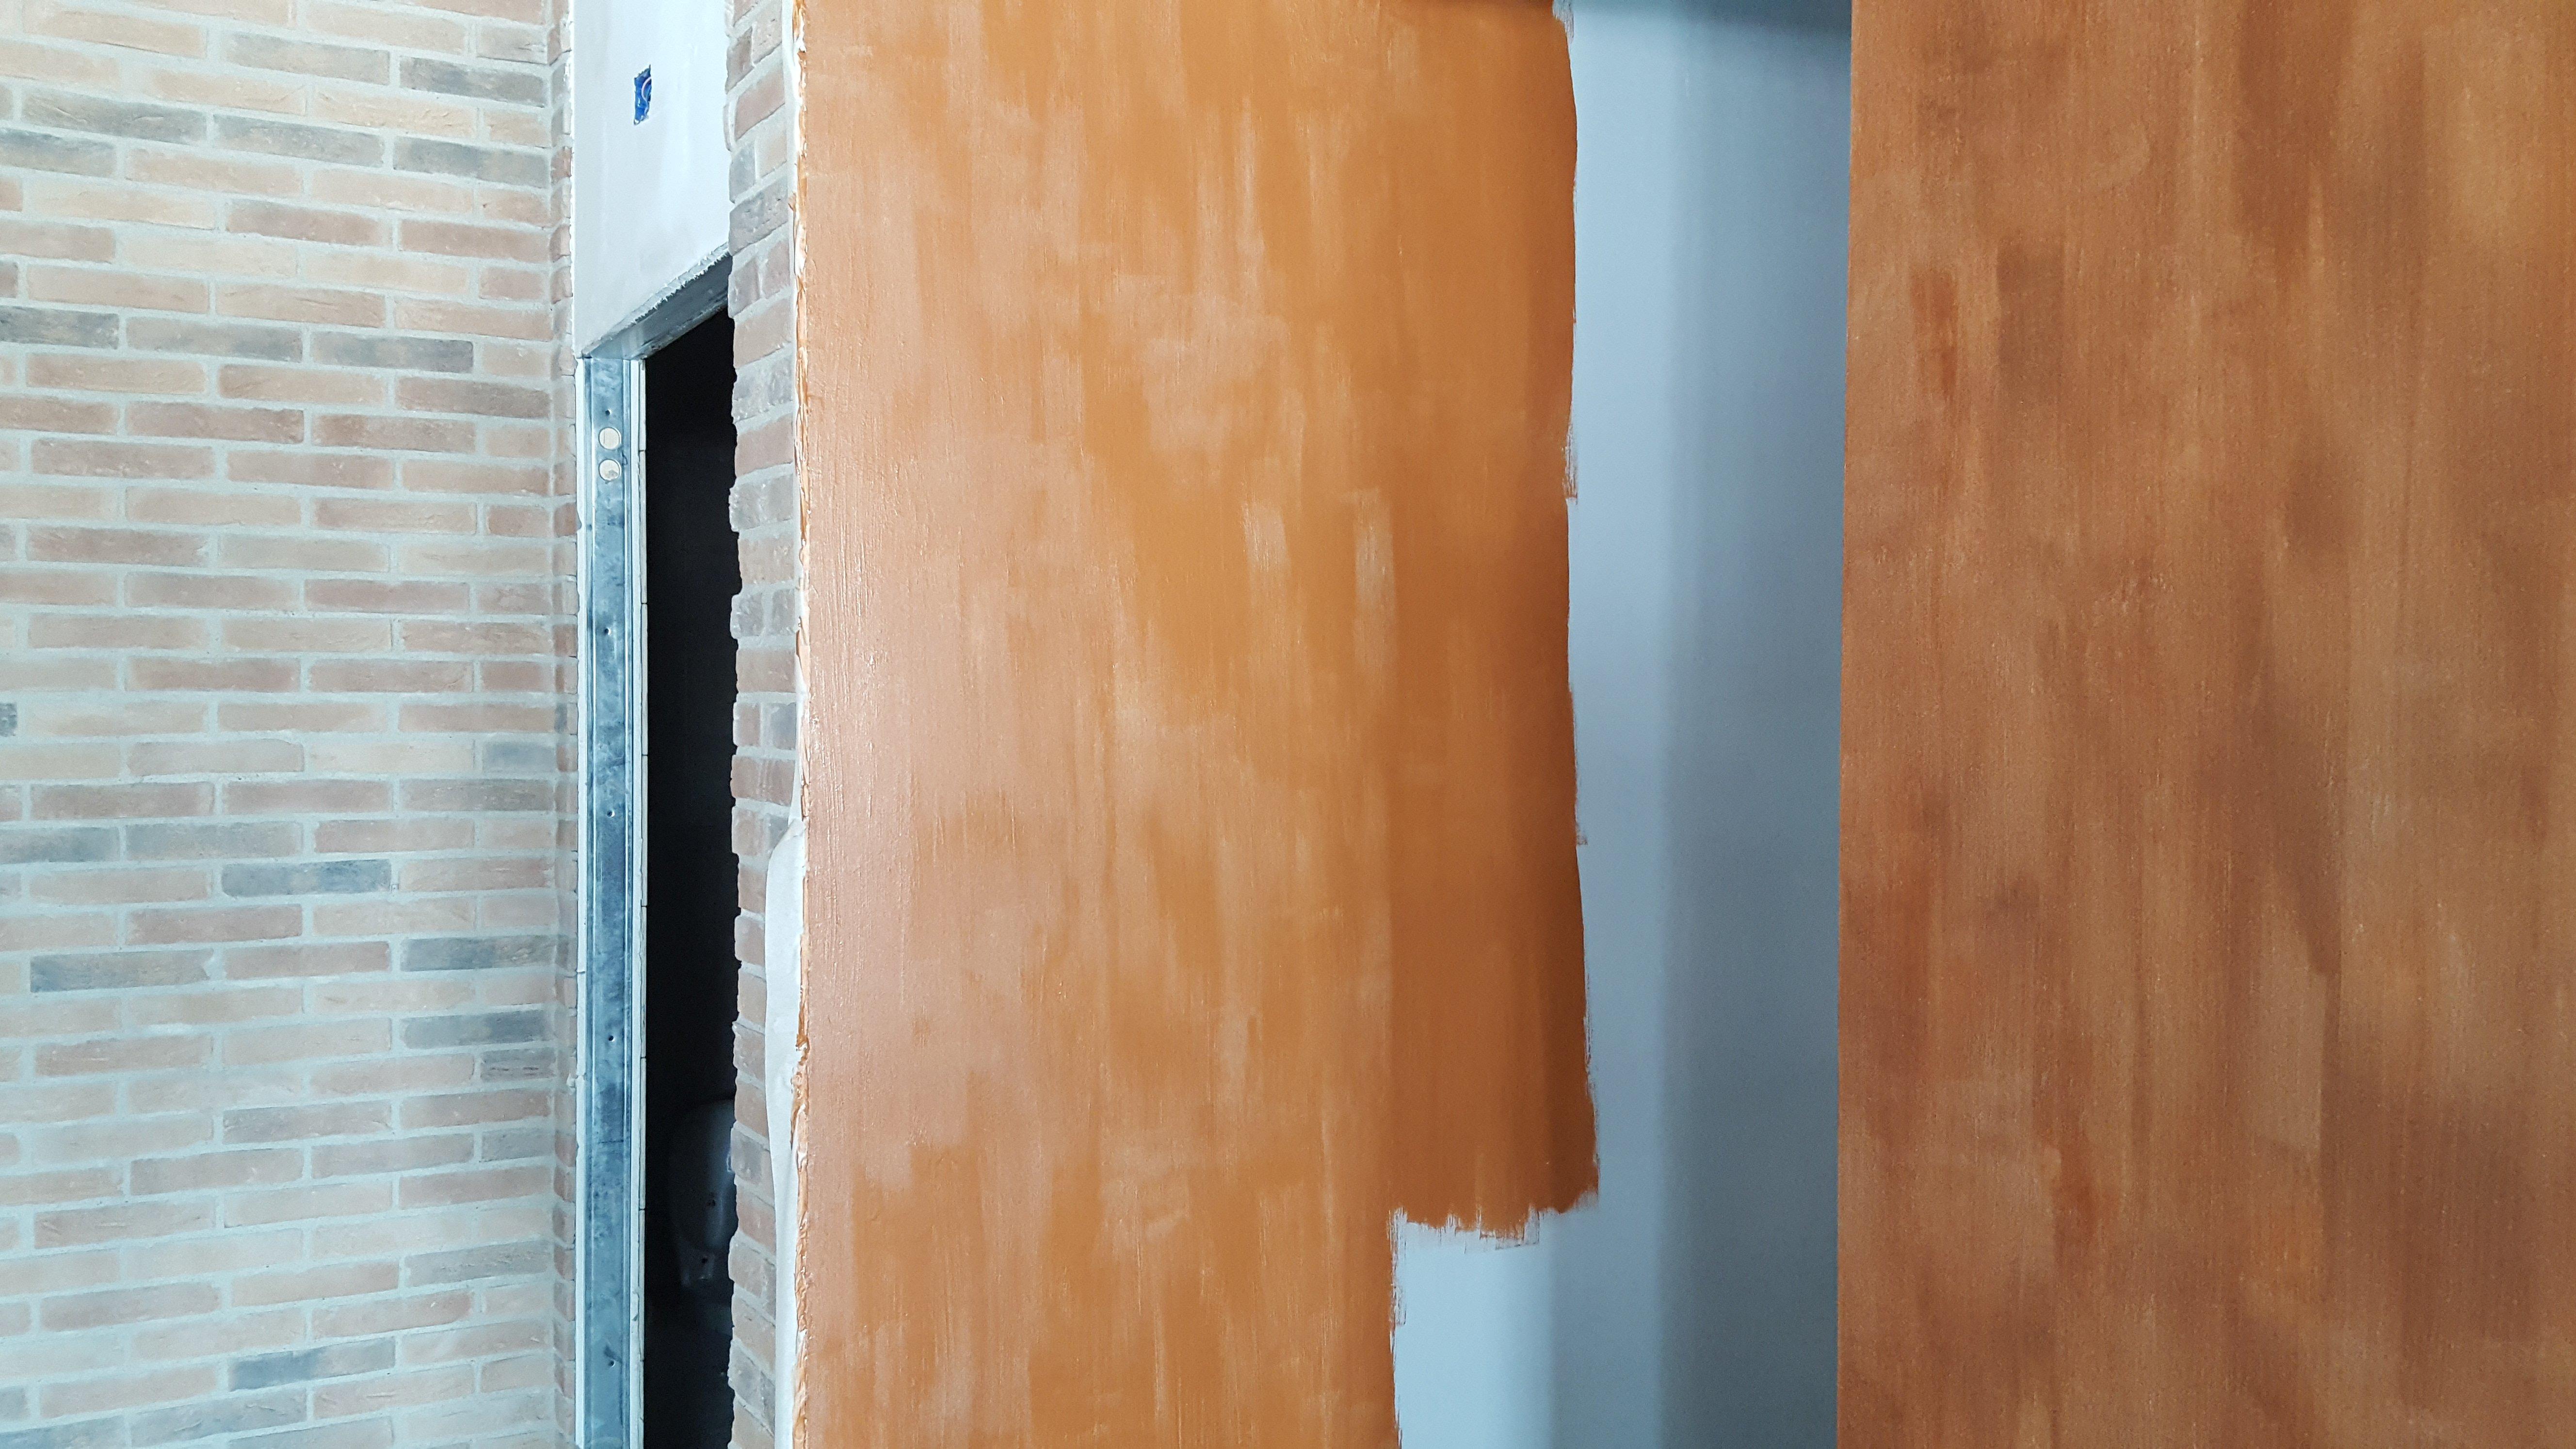 parete azzurra che viene coperta con pittura marrone